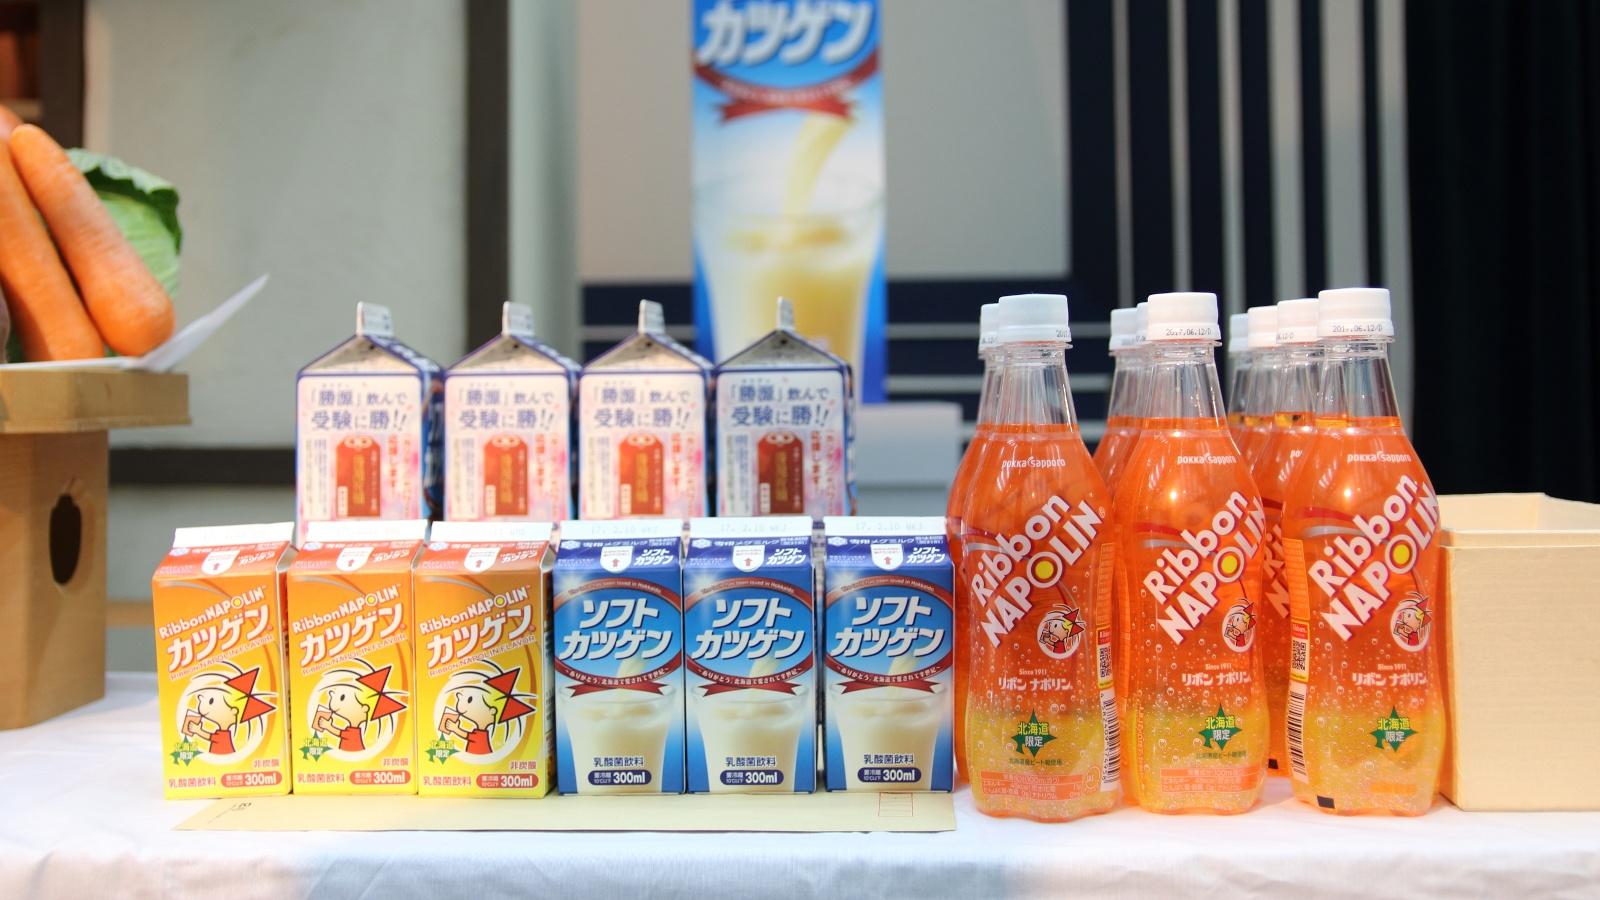 前代未聞のコラボ!「リボンナポリンカツゲン」が北海道限定で新発売!